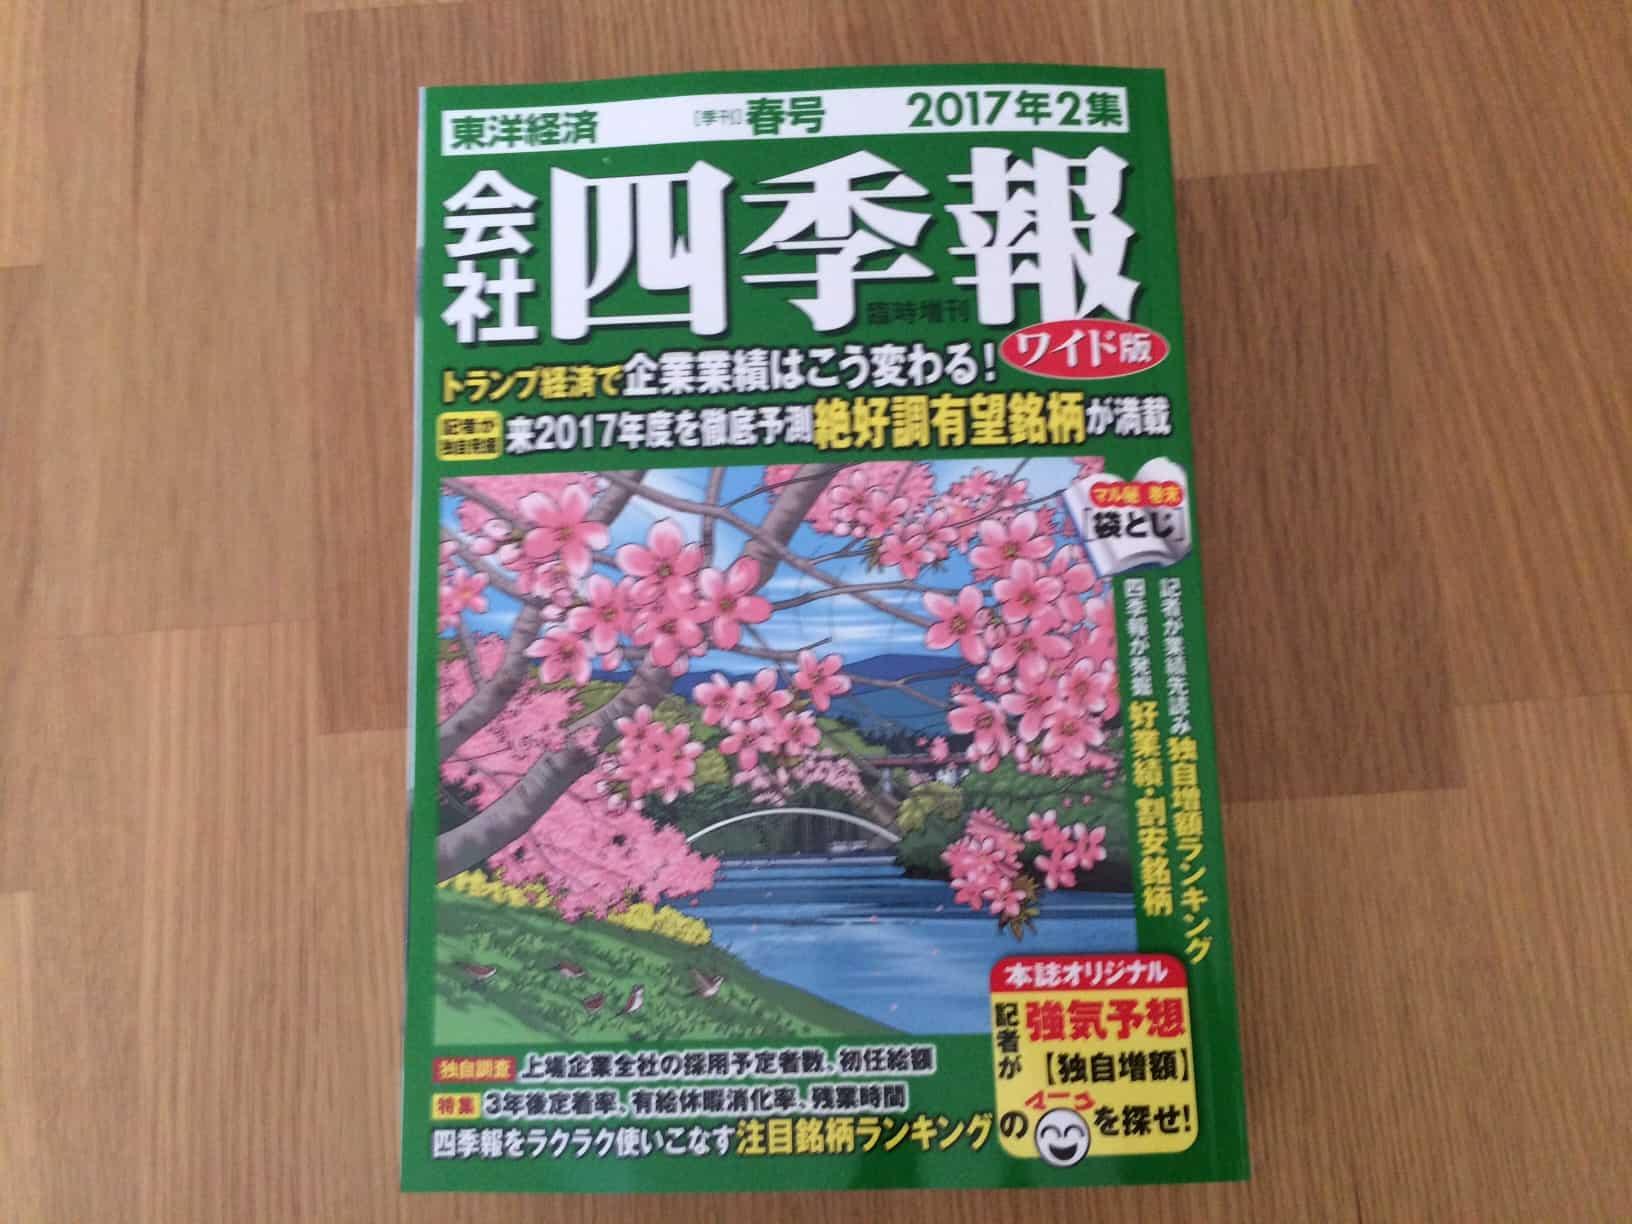 会社四季報(2017年2集・春号)が到着!明日の成長株を発見できるか!?